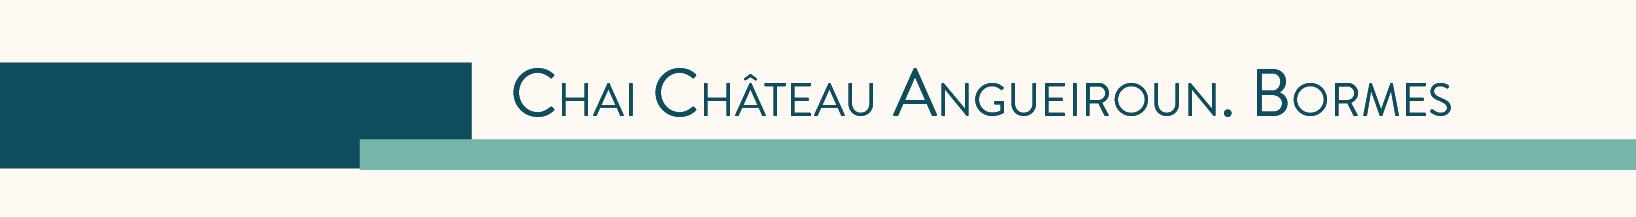 Chai-Château-Angueiroun